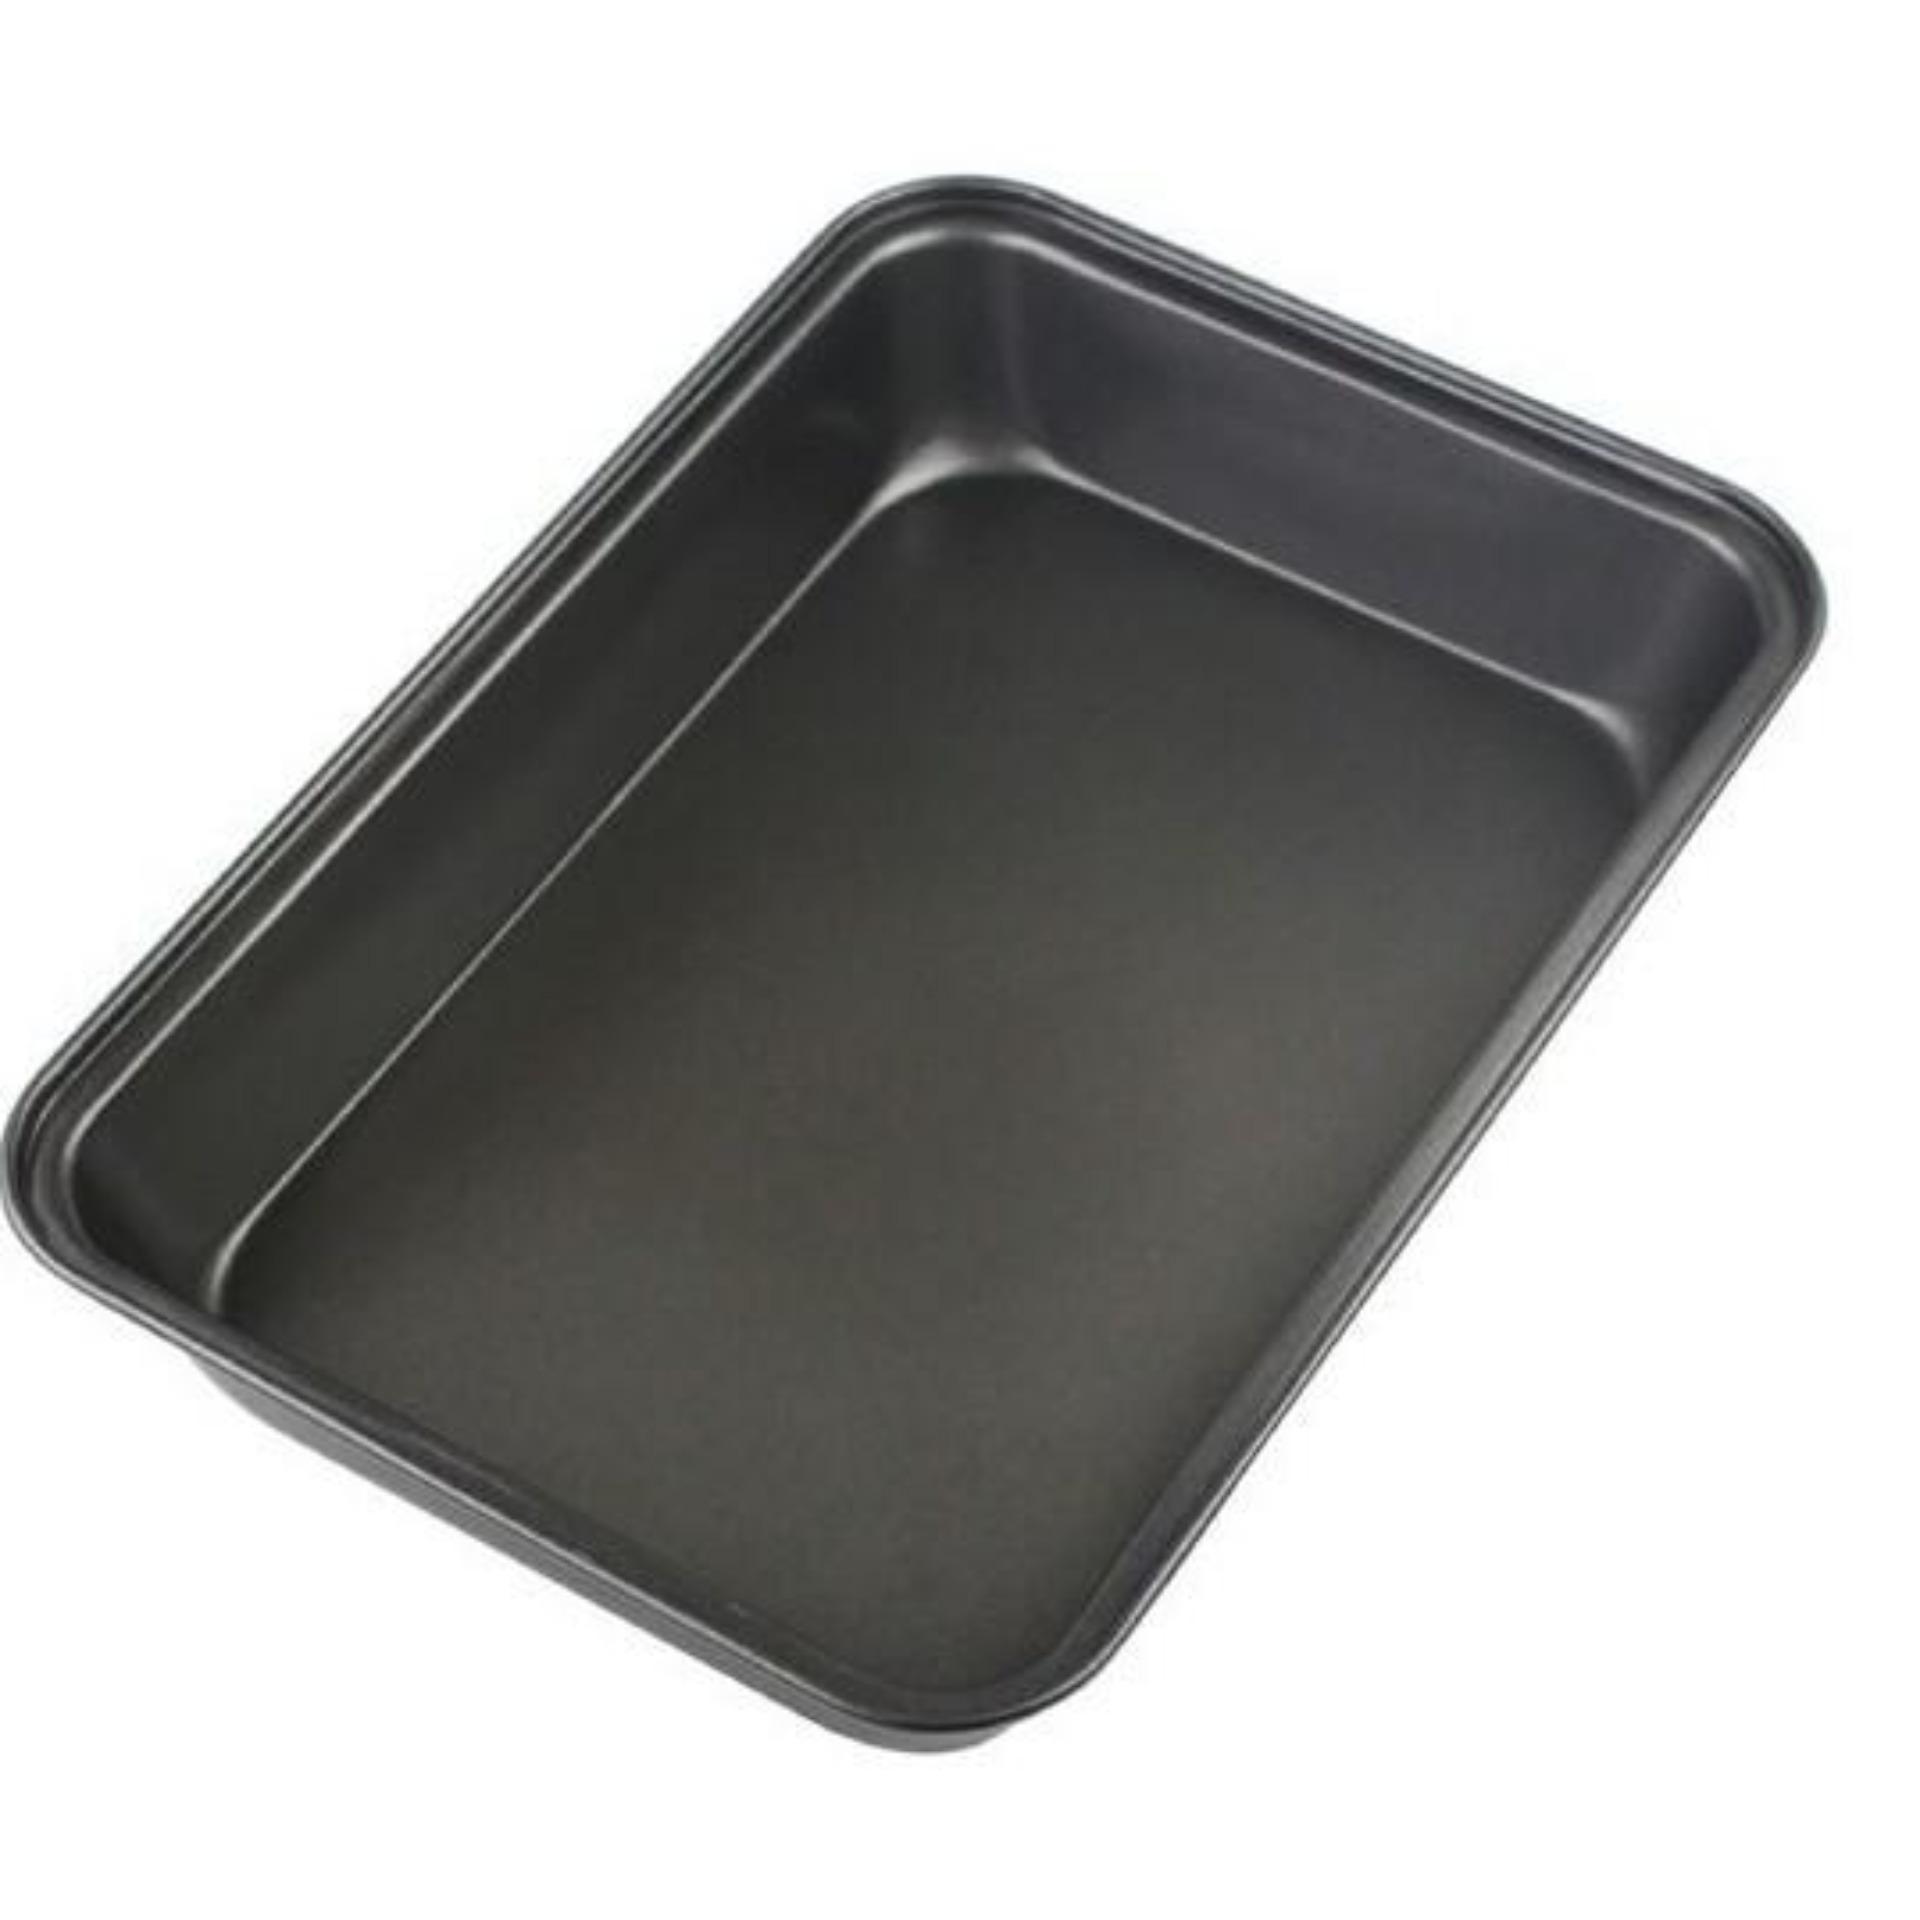 Khuôn nướng bánh chống dính hình chữ nhật HT5010